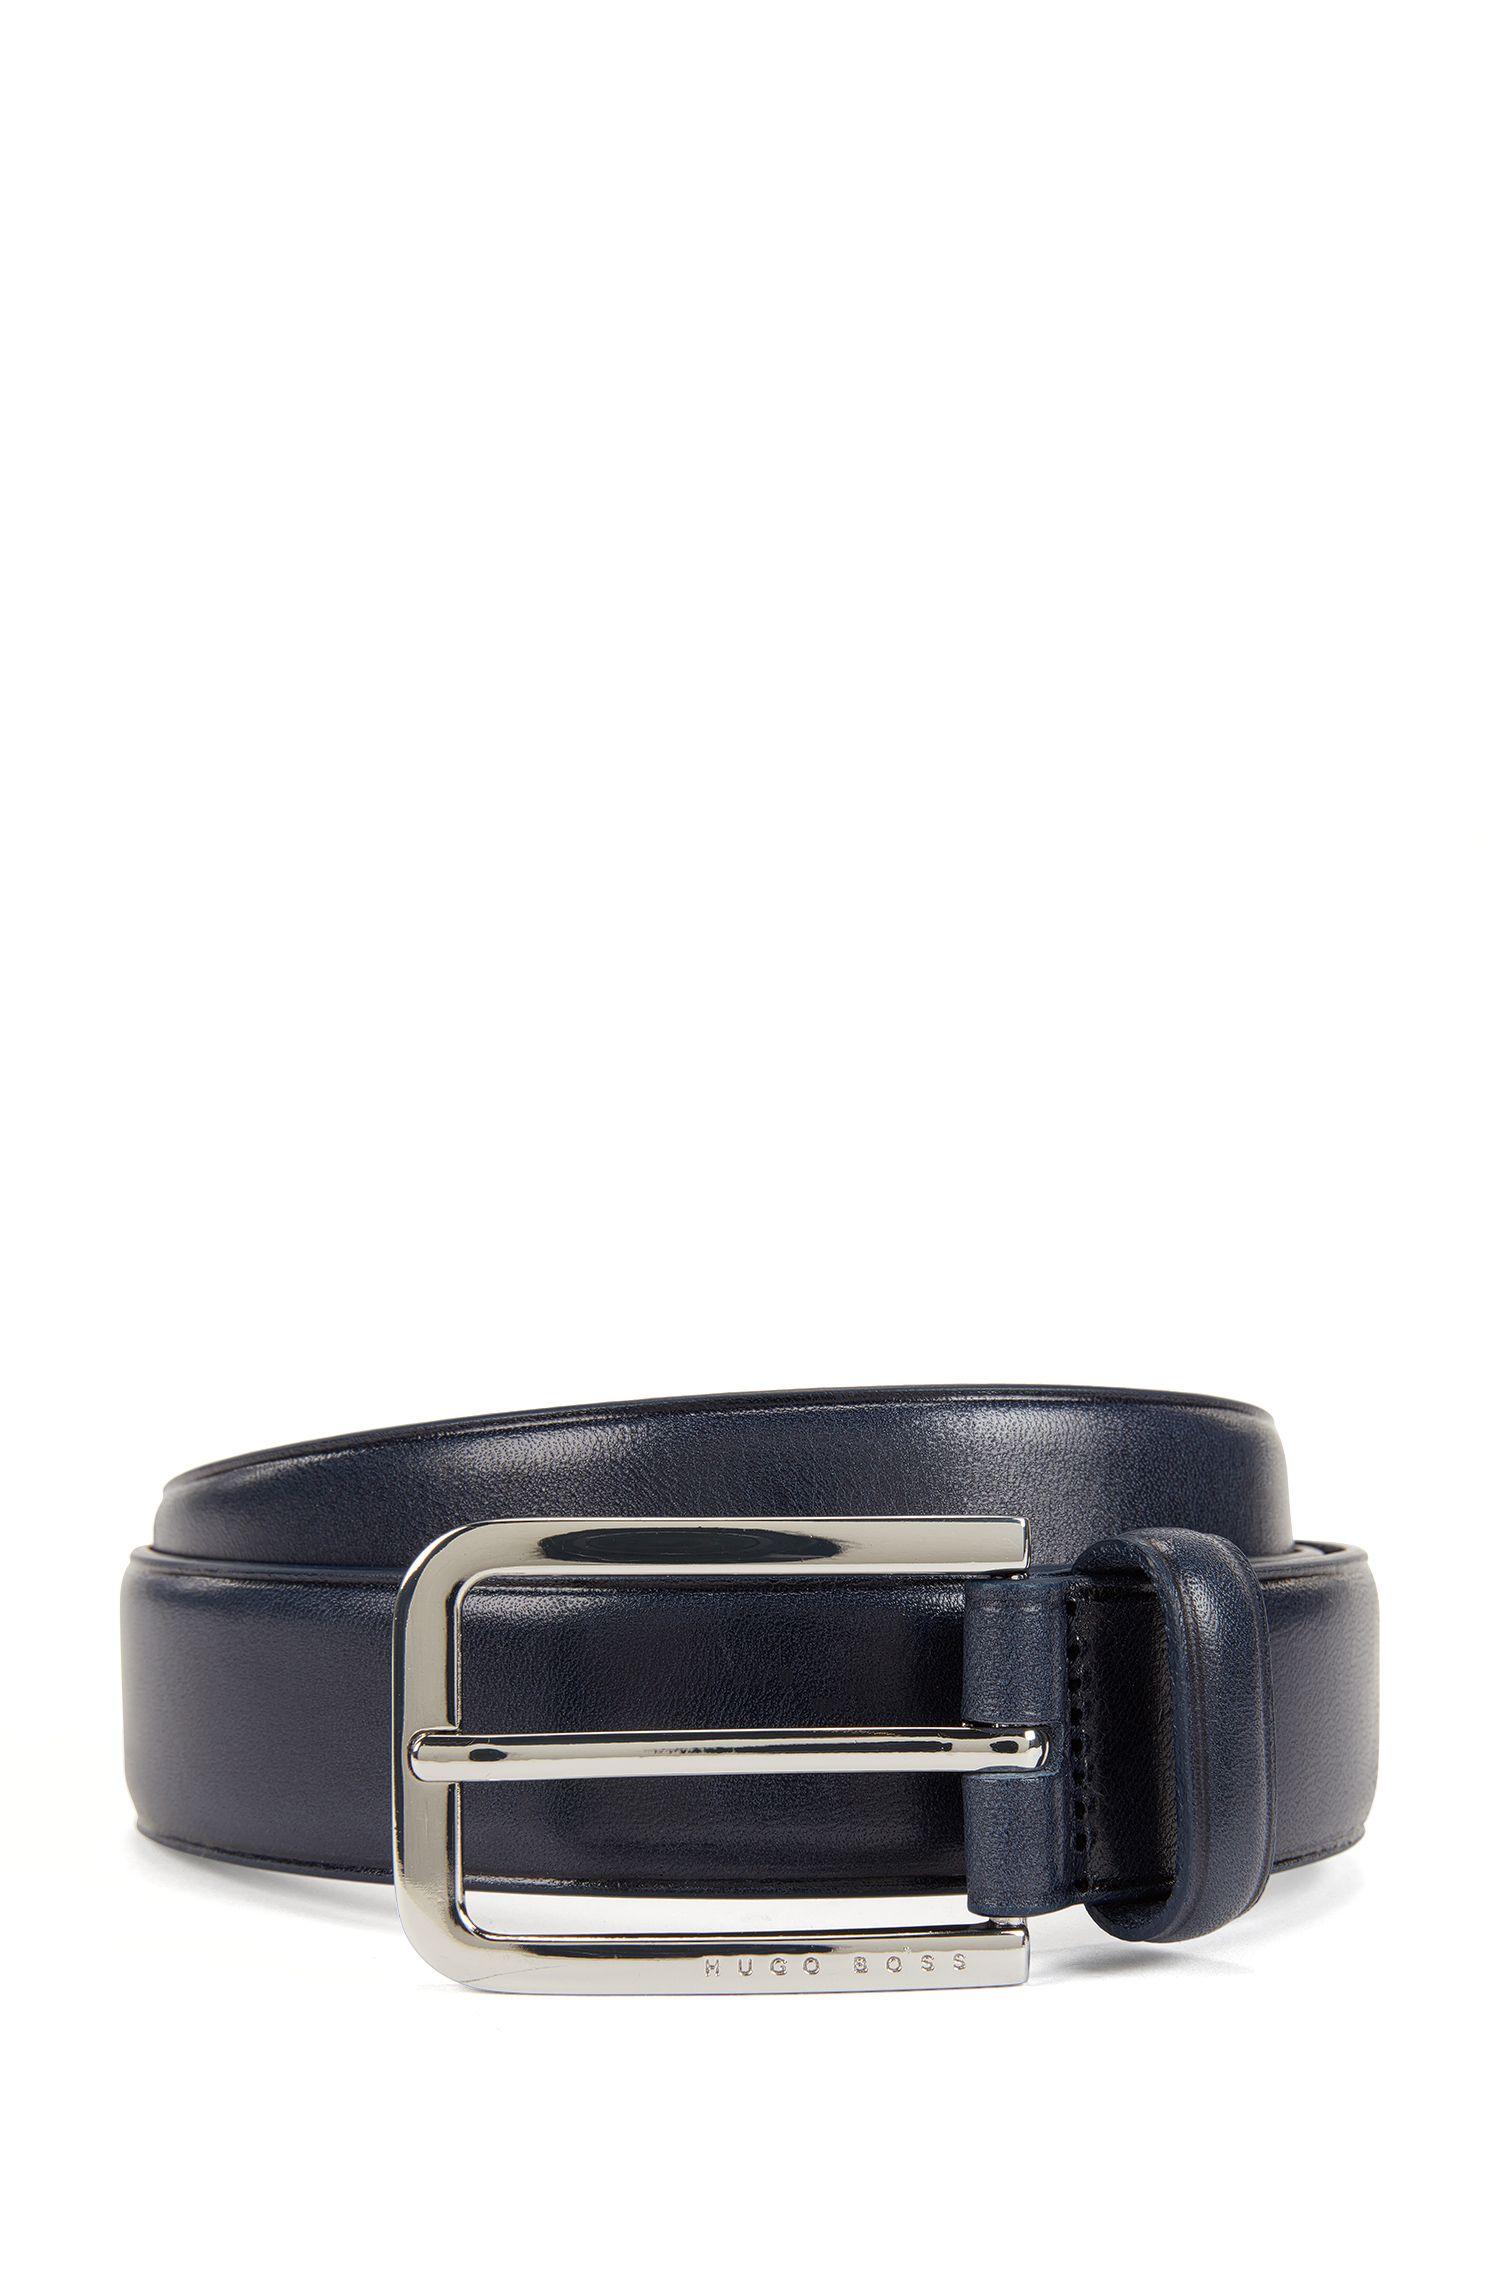 Cintura in pelle con superficie liscia e fibbia arrotondata in metallo lucido